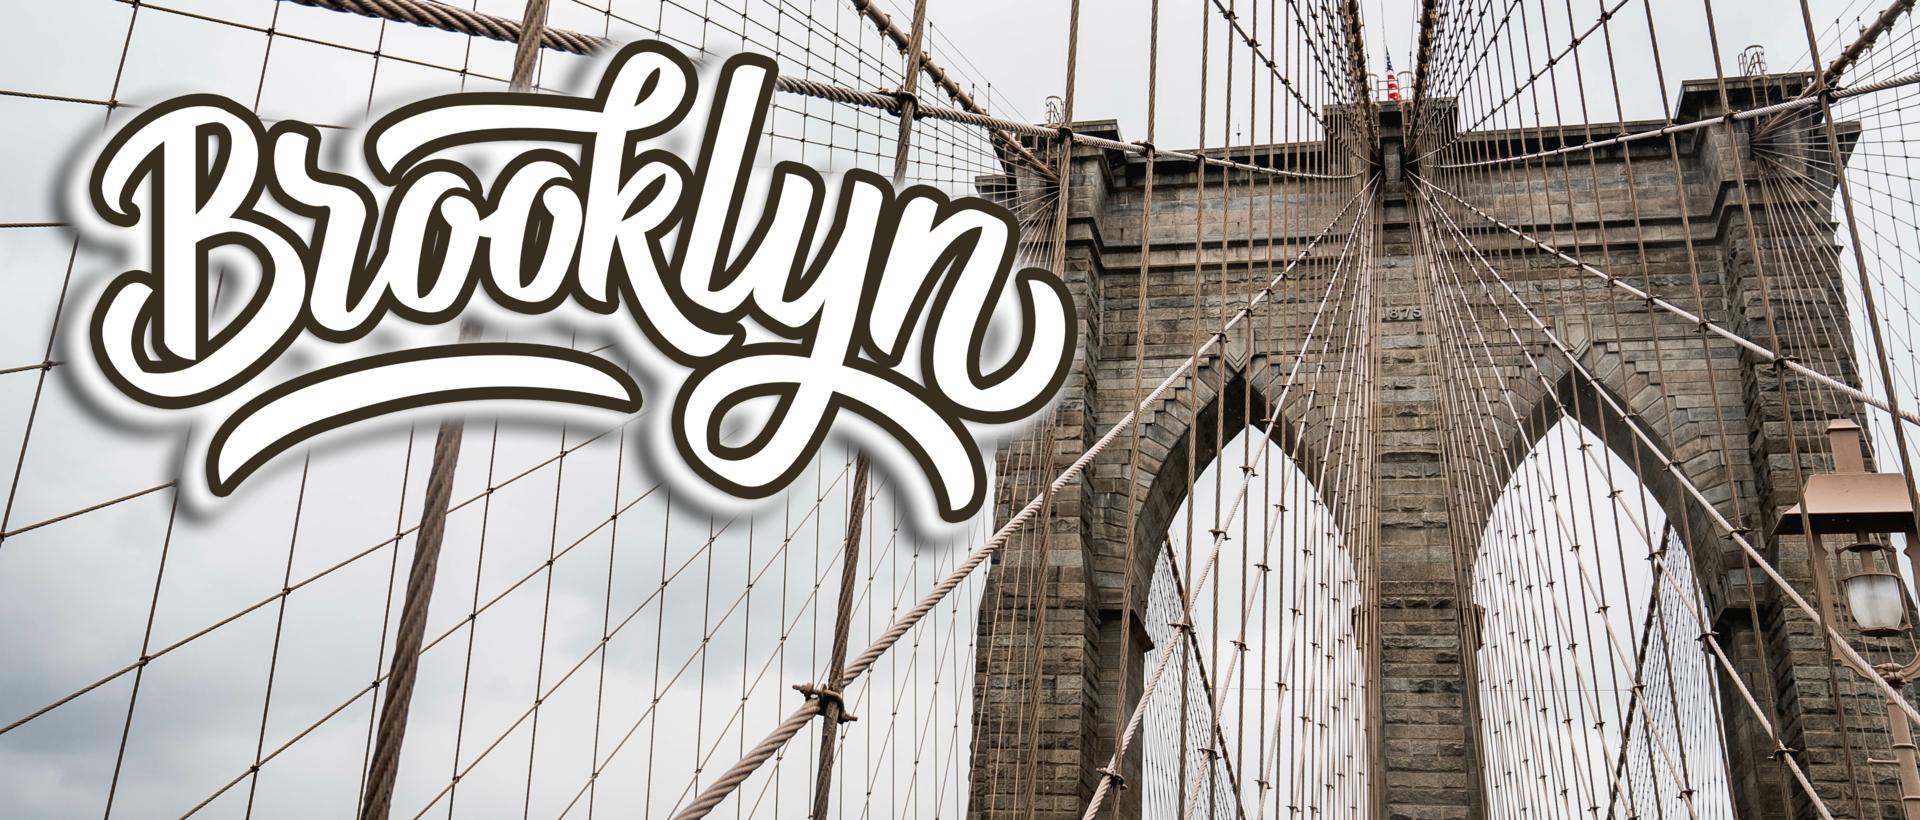 Brooklyn Registration